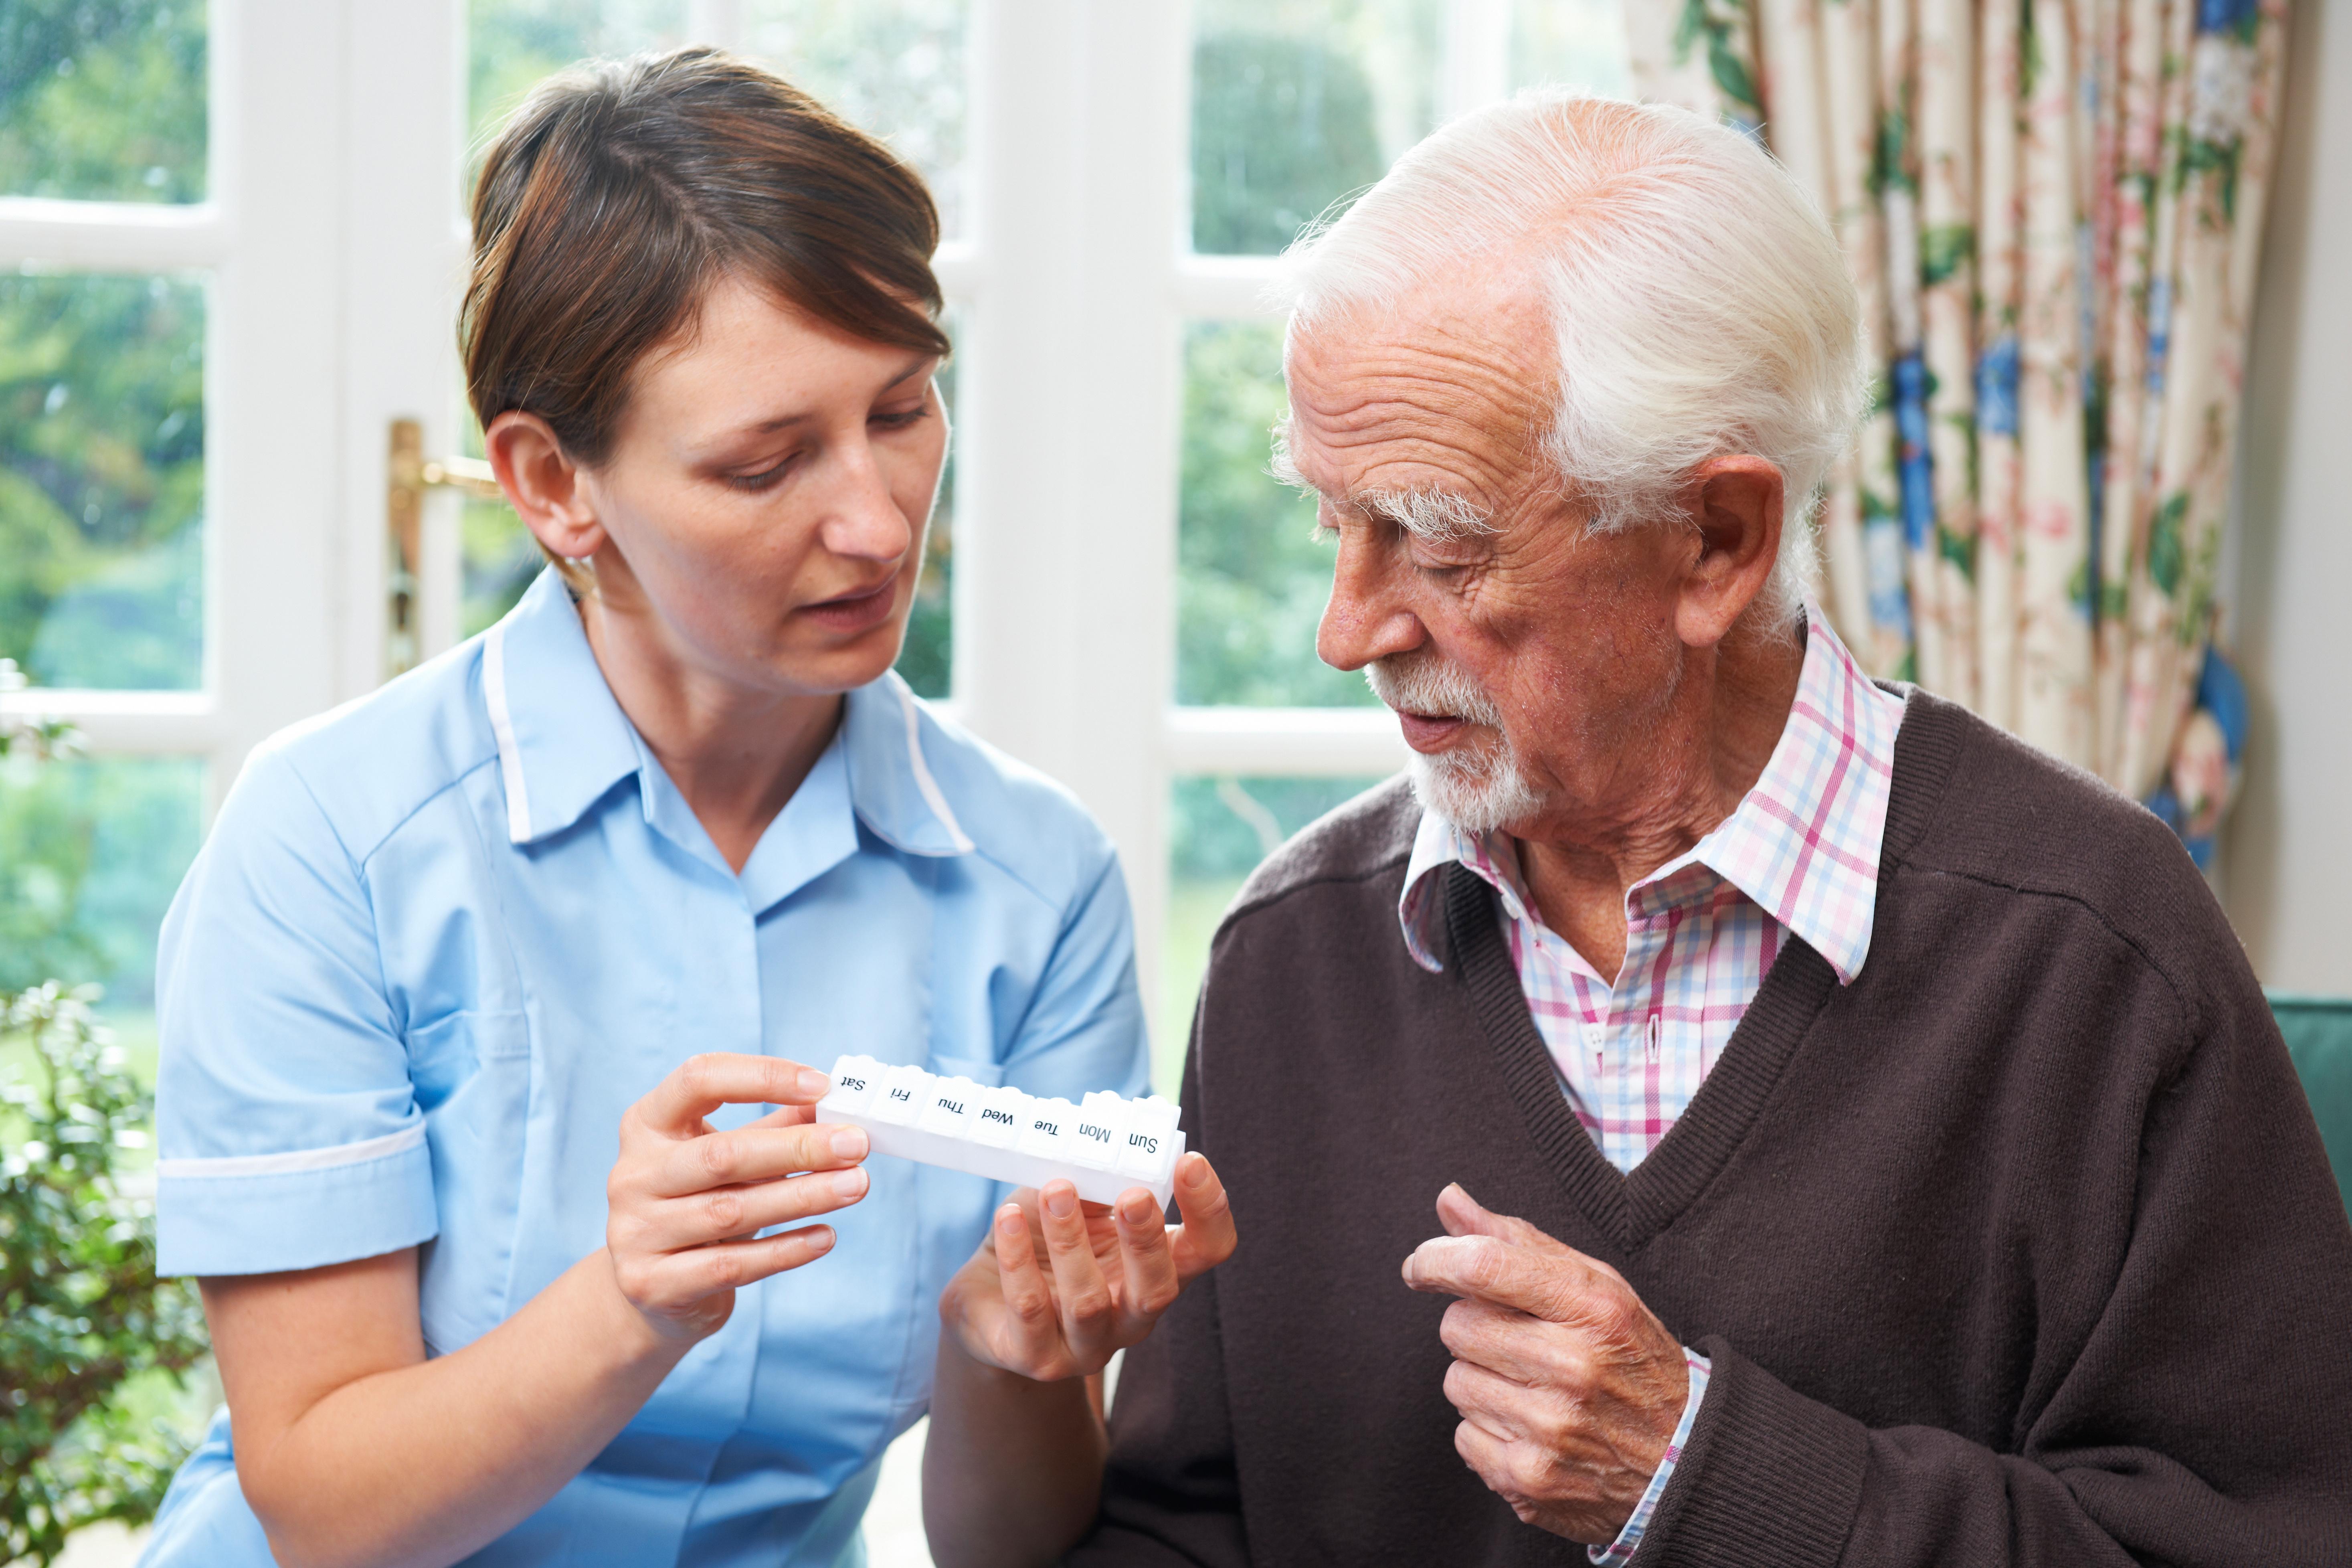 опекунство над пожилыми людьми после 80 лет